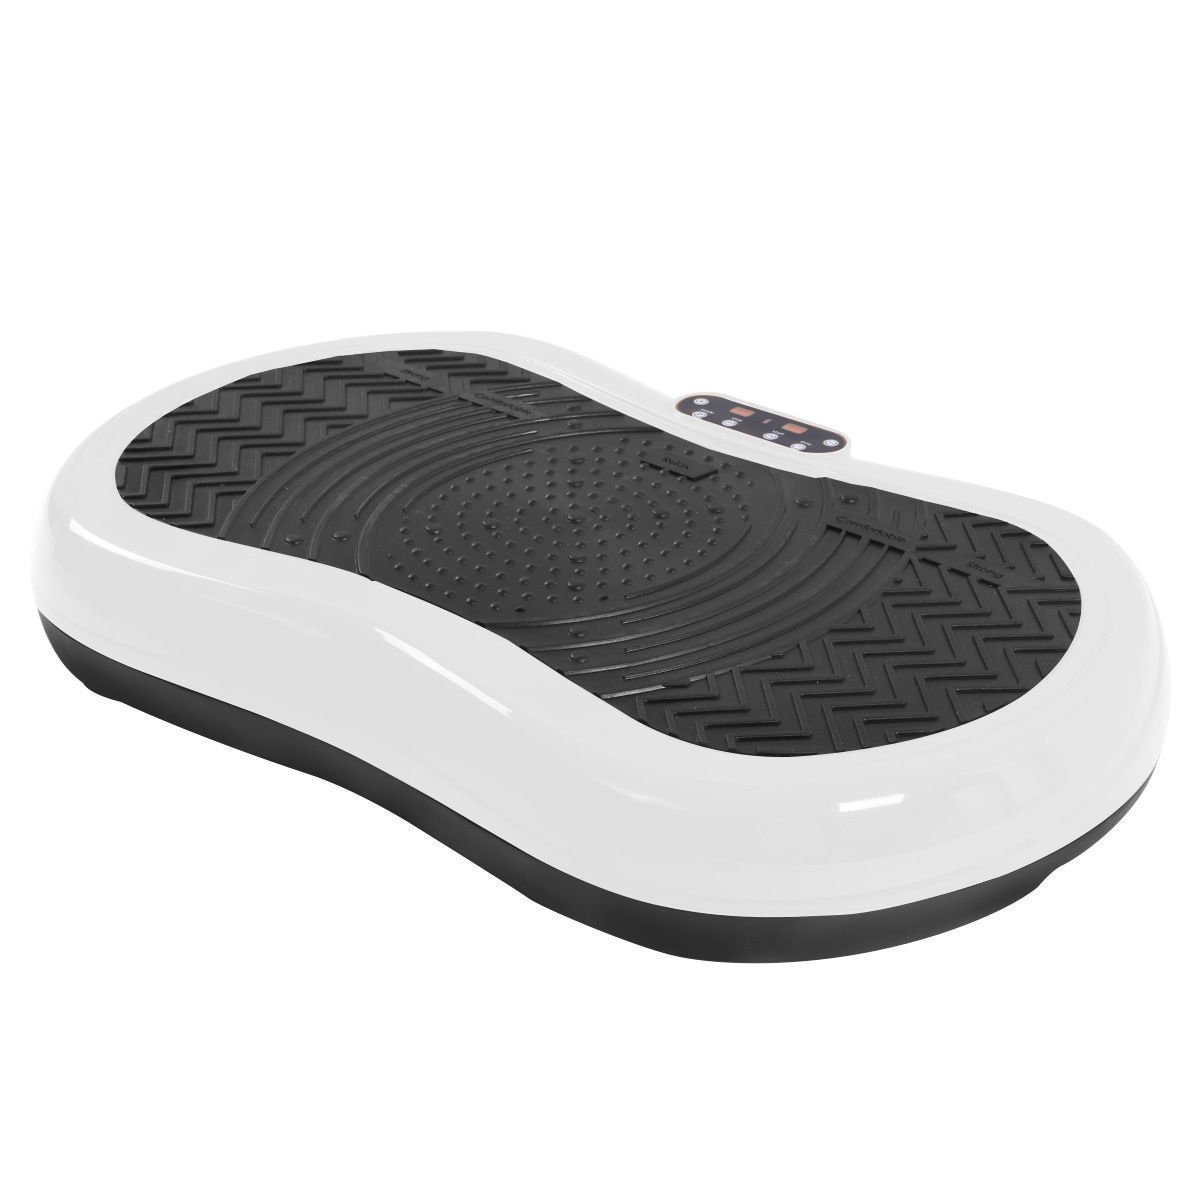 Tangkula Ultrathin Mini Crazy Fit Vibration Platform Massage Machine Fitness Gym (White) by Tangkula (Image #1)